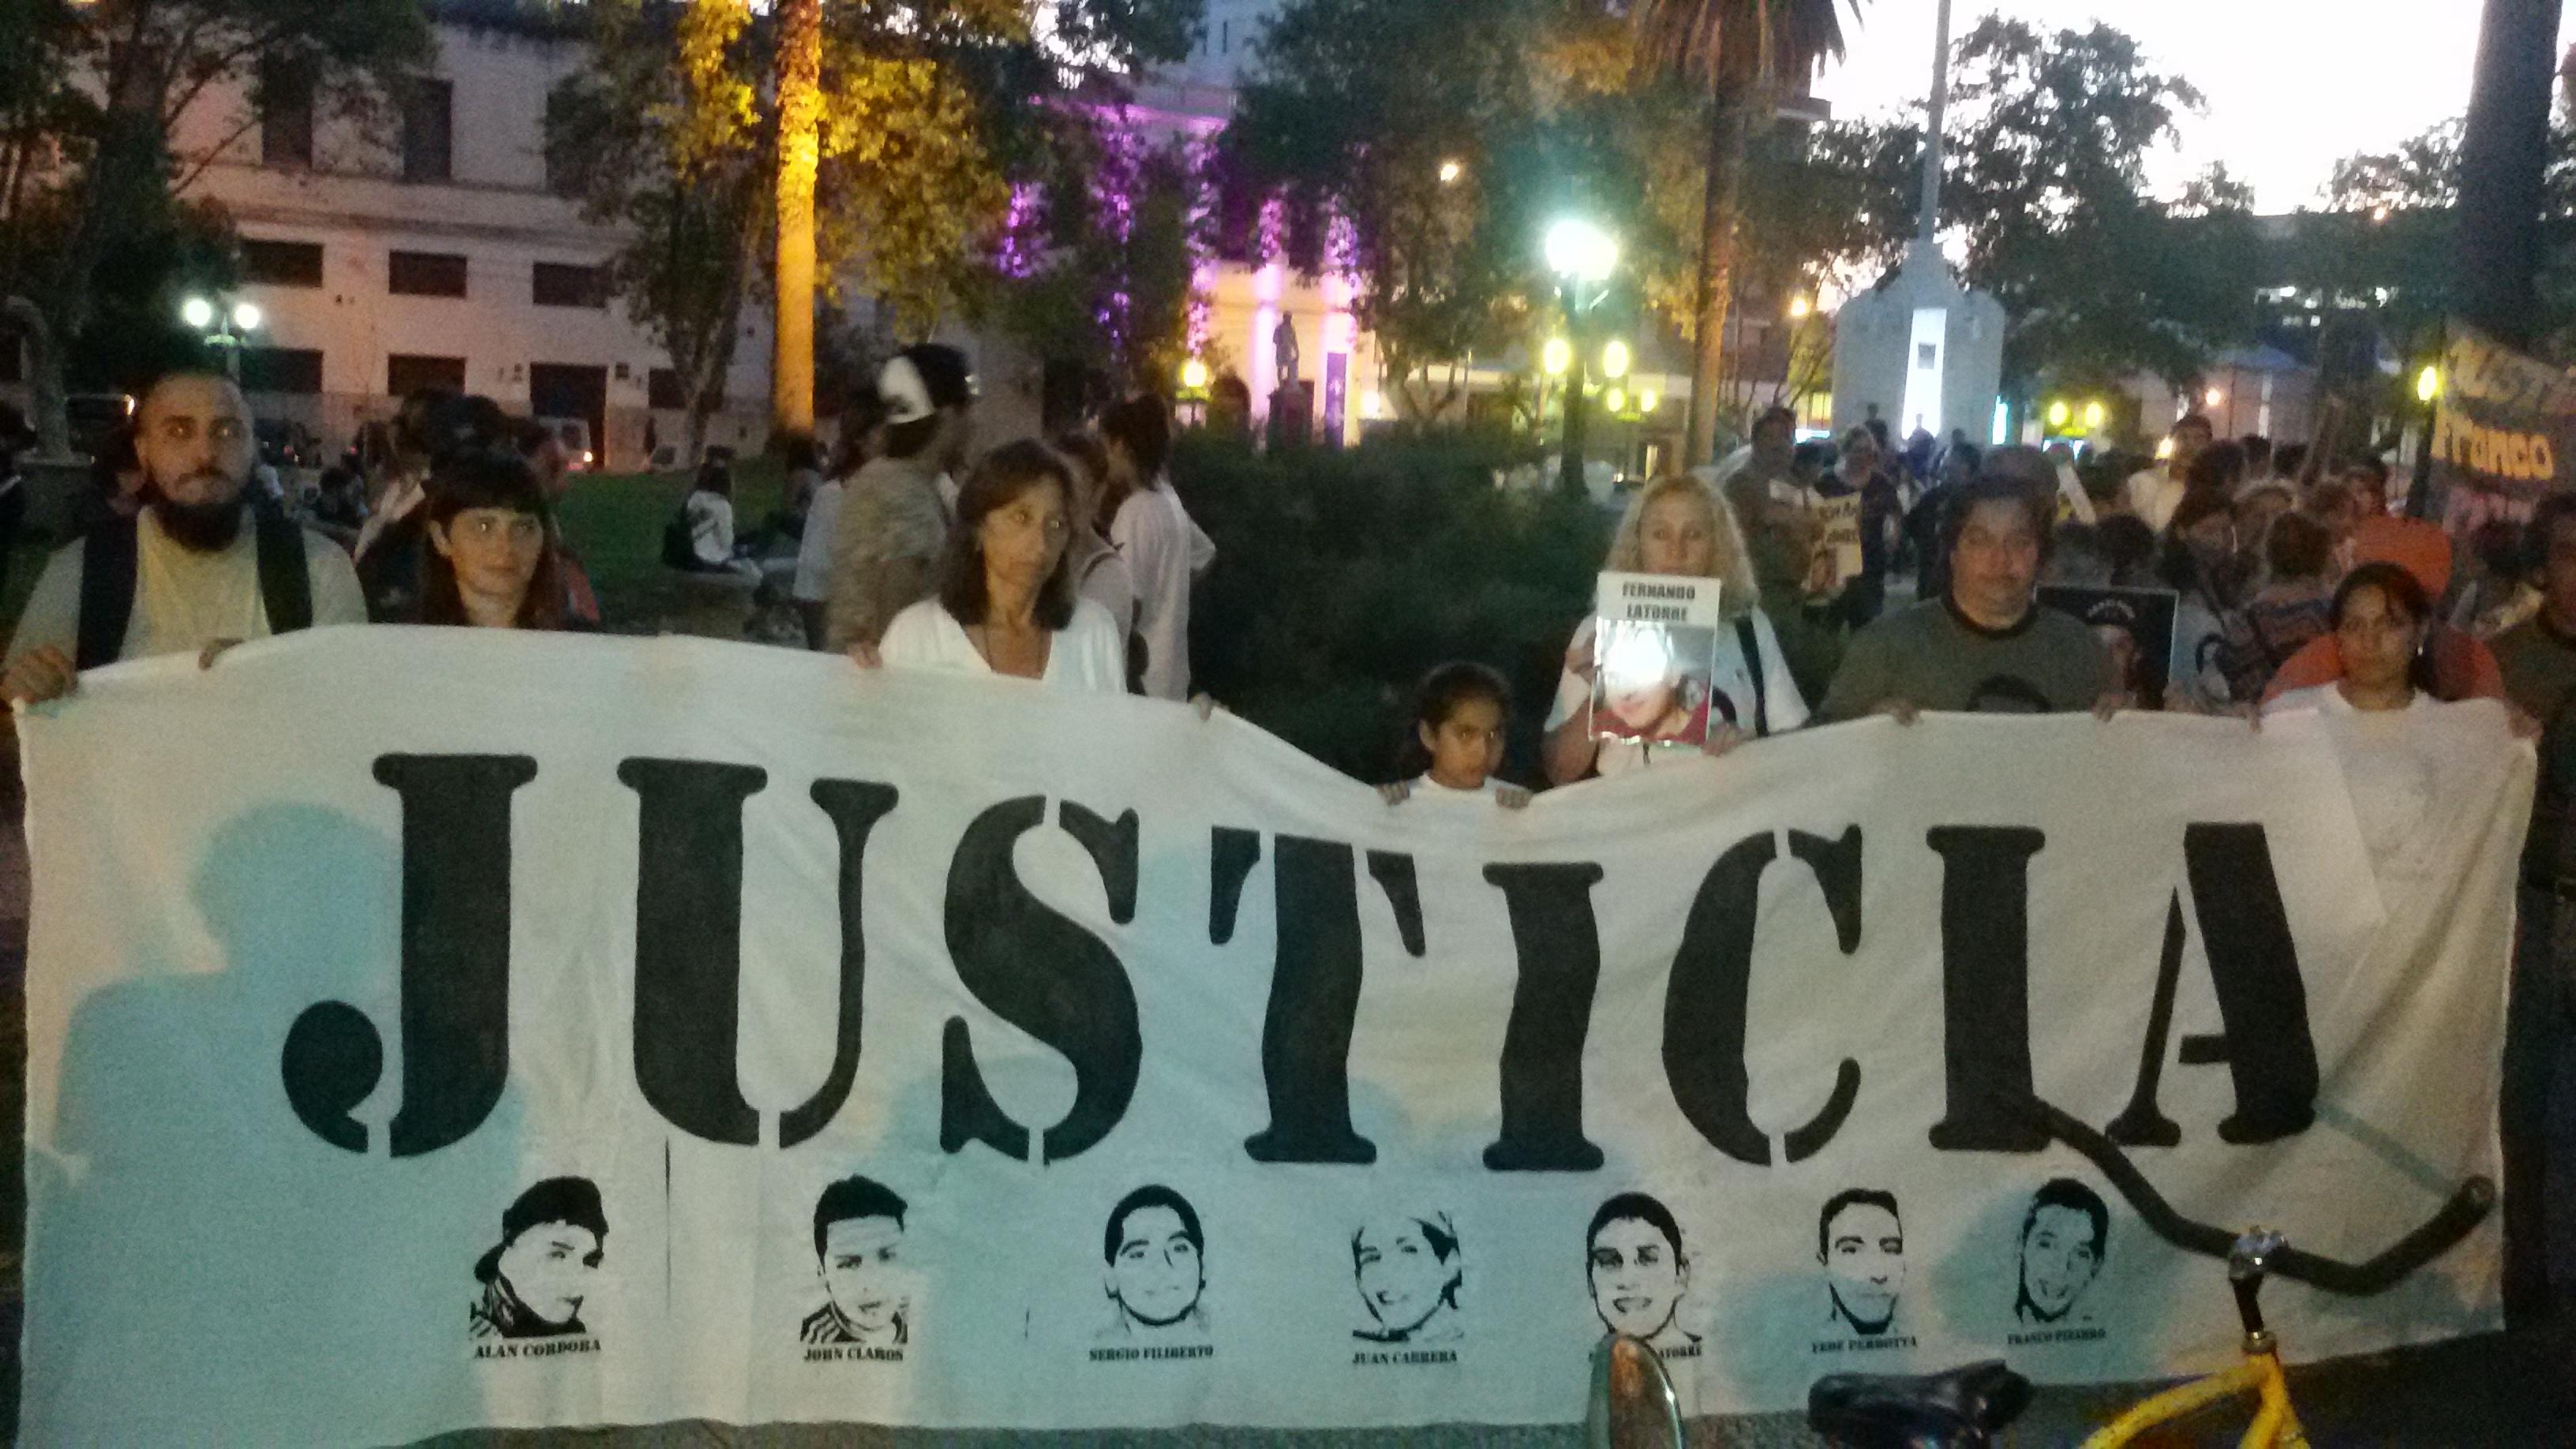 """El último domingo se llevó a cabo la cuarta marcha """"Justicia por los 7"""", pero esta vez con una noticia que entristece a los familiares de los fallecidos. El juez César Solazzi les otorgó la prisión domiciliaria a los cinco policías detenidos."""